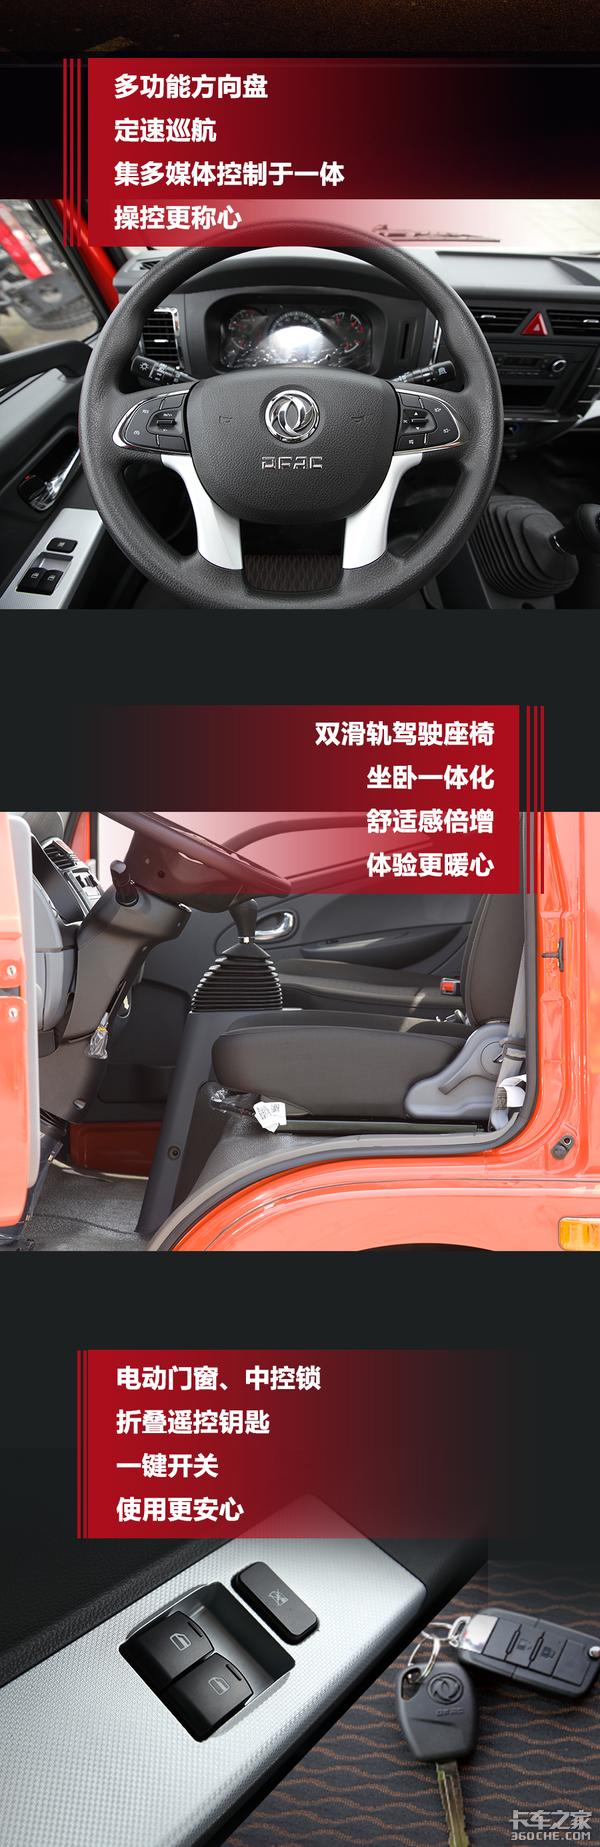 东风福瑞卡F5|全新一代驾驶室给您非凡体验